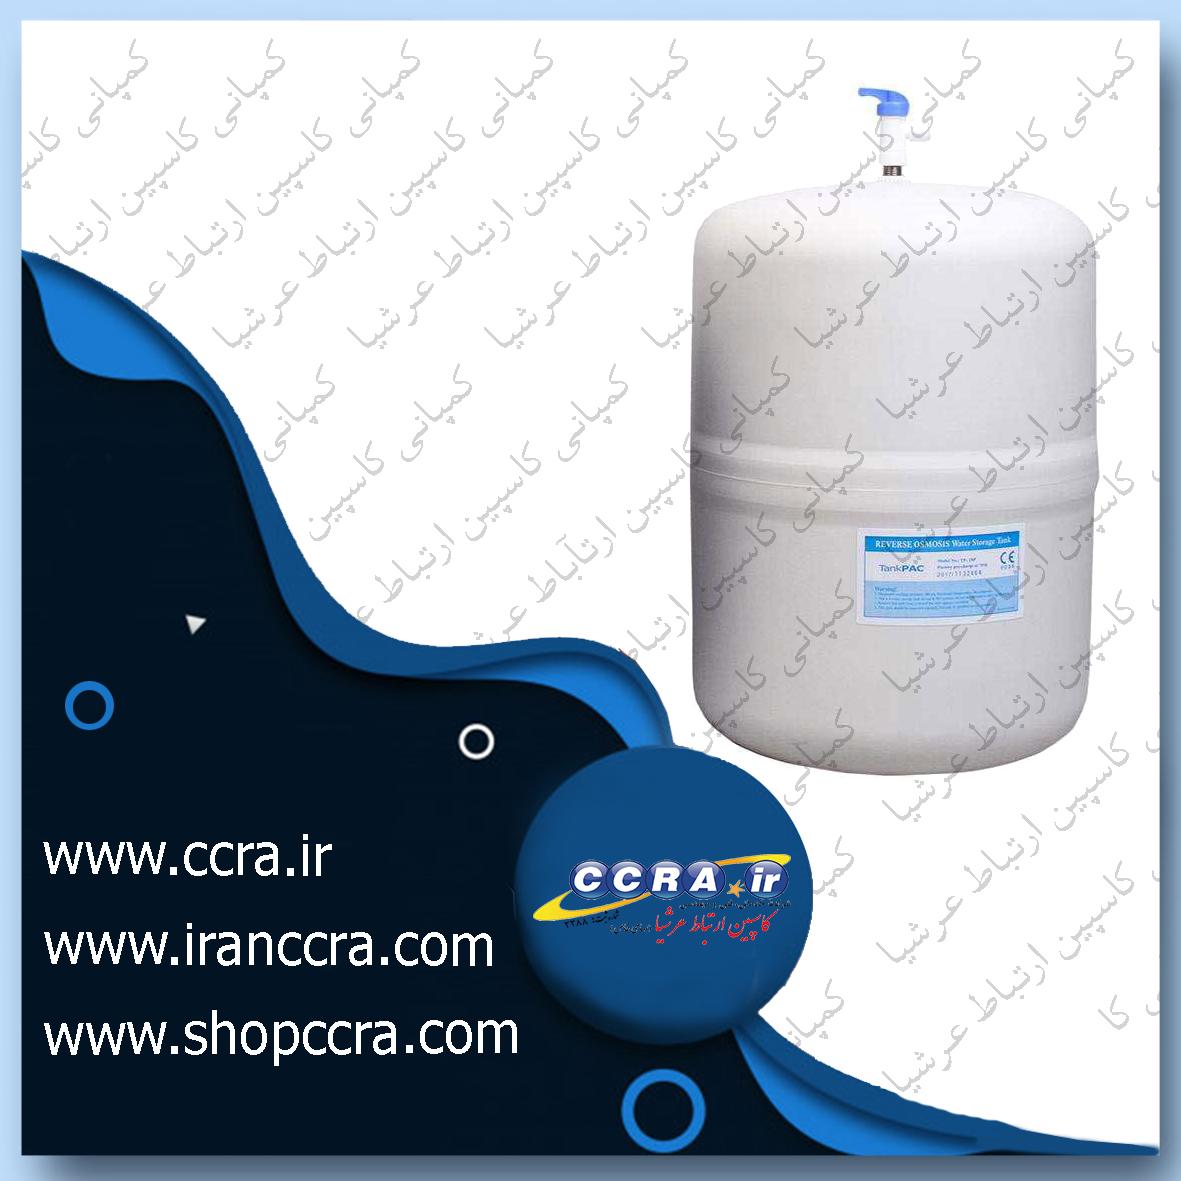 عملکرد فنی مخزن ذخیره دستگاه تصفیه آب خانگی